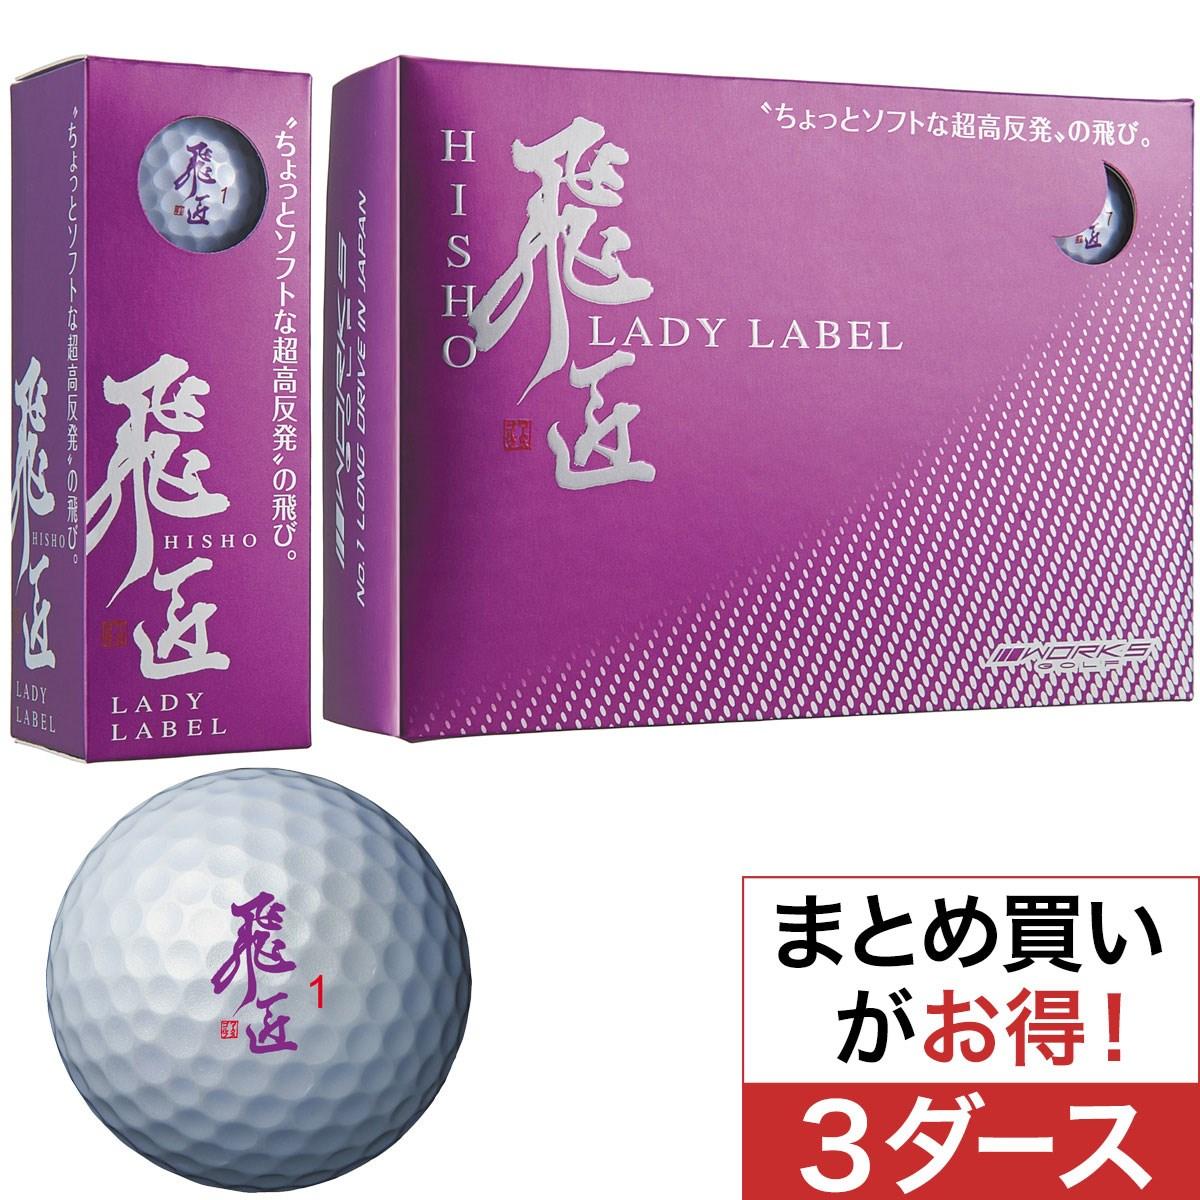 ワークス ゴルフ 飛匠 レディラベル ボール 3ダースセット【非公認球】